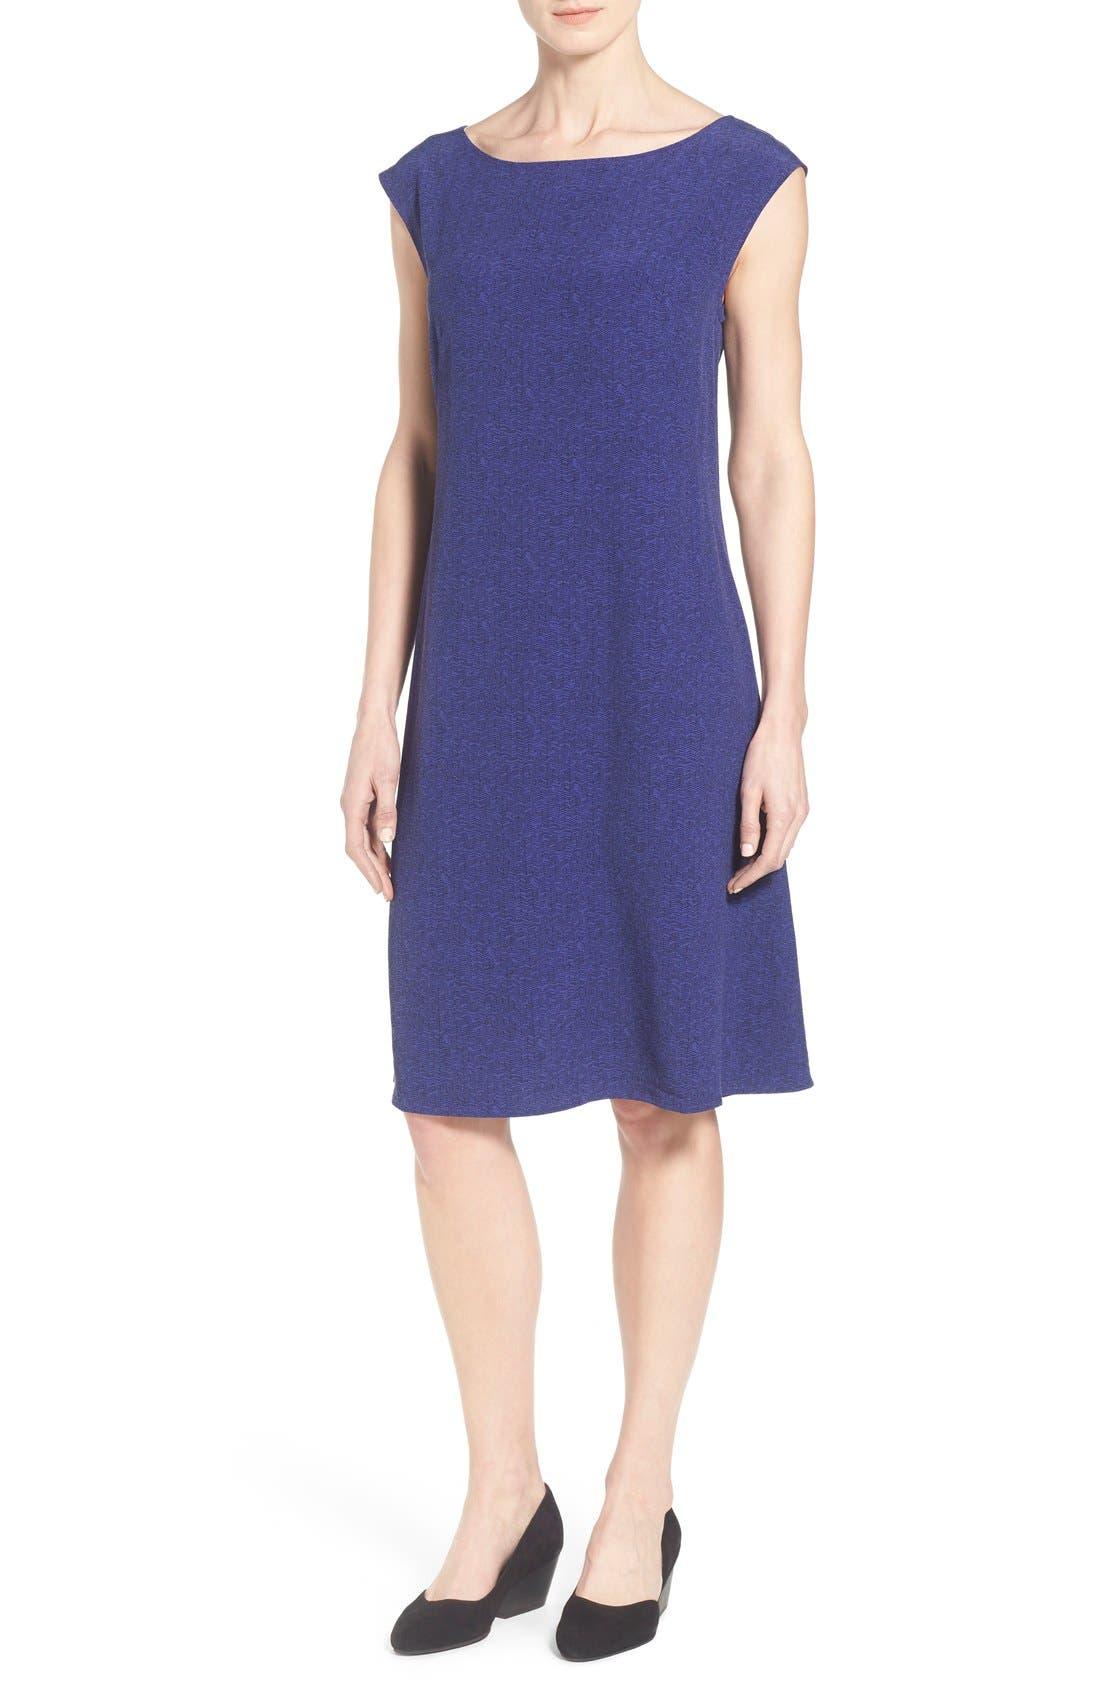 Alternate Image 1 Selected - Eileen Fisher Print Ballet Neck Knee Length Dress